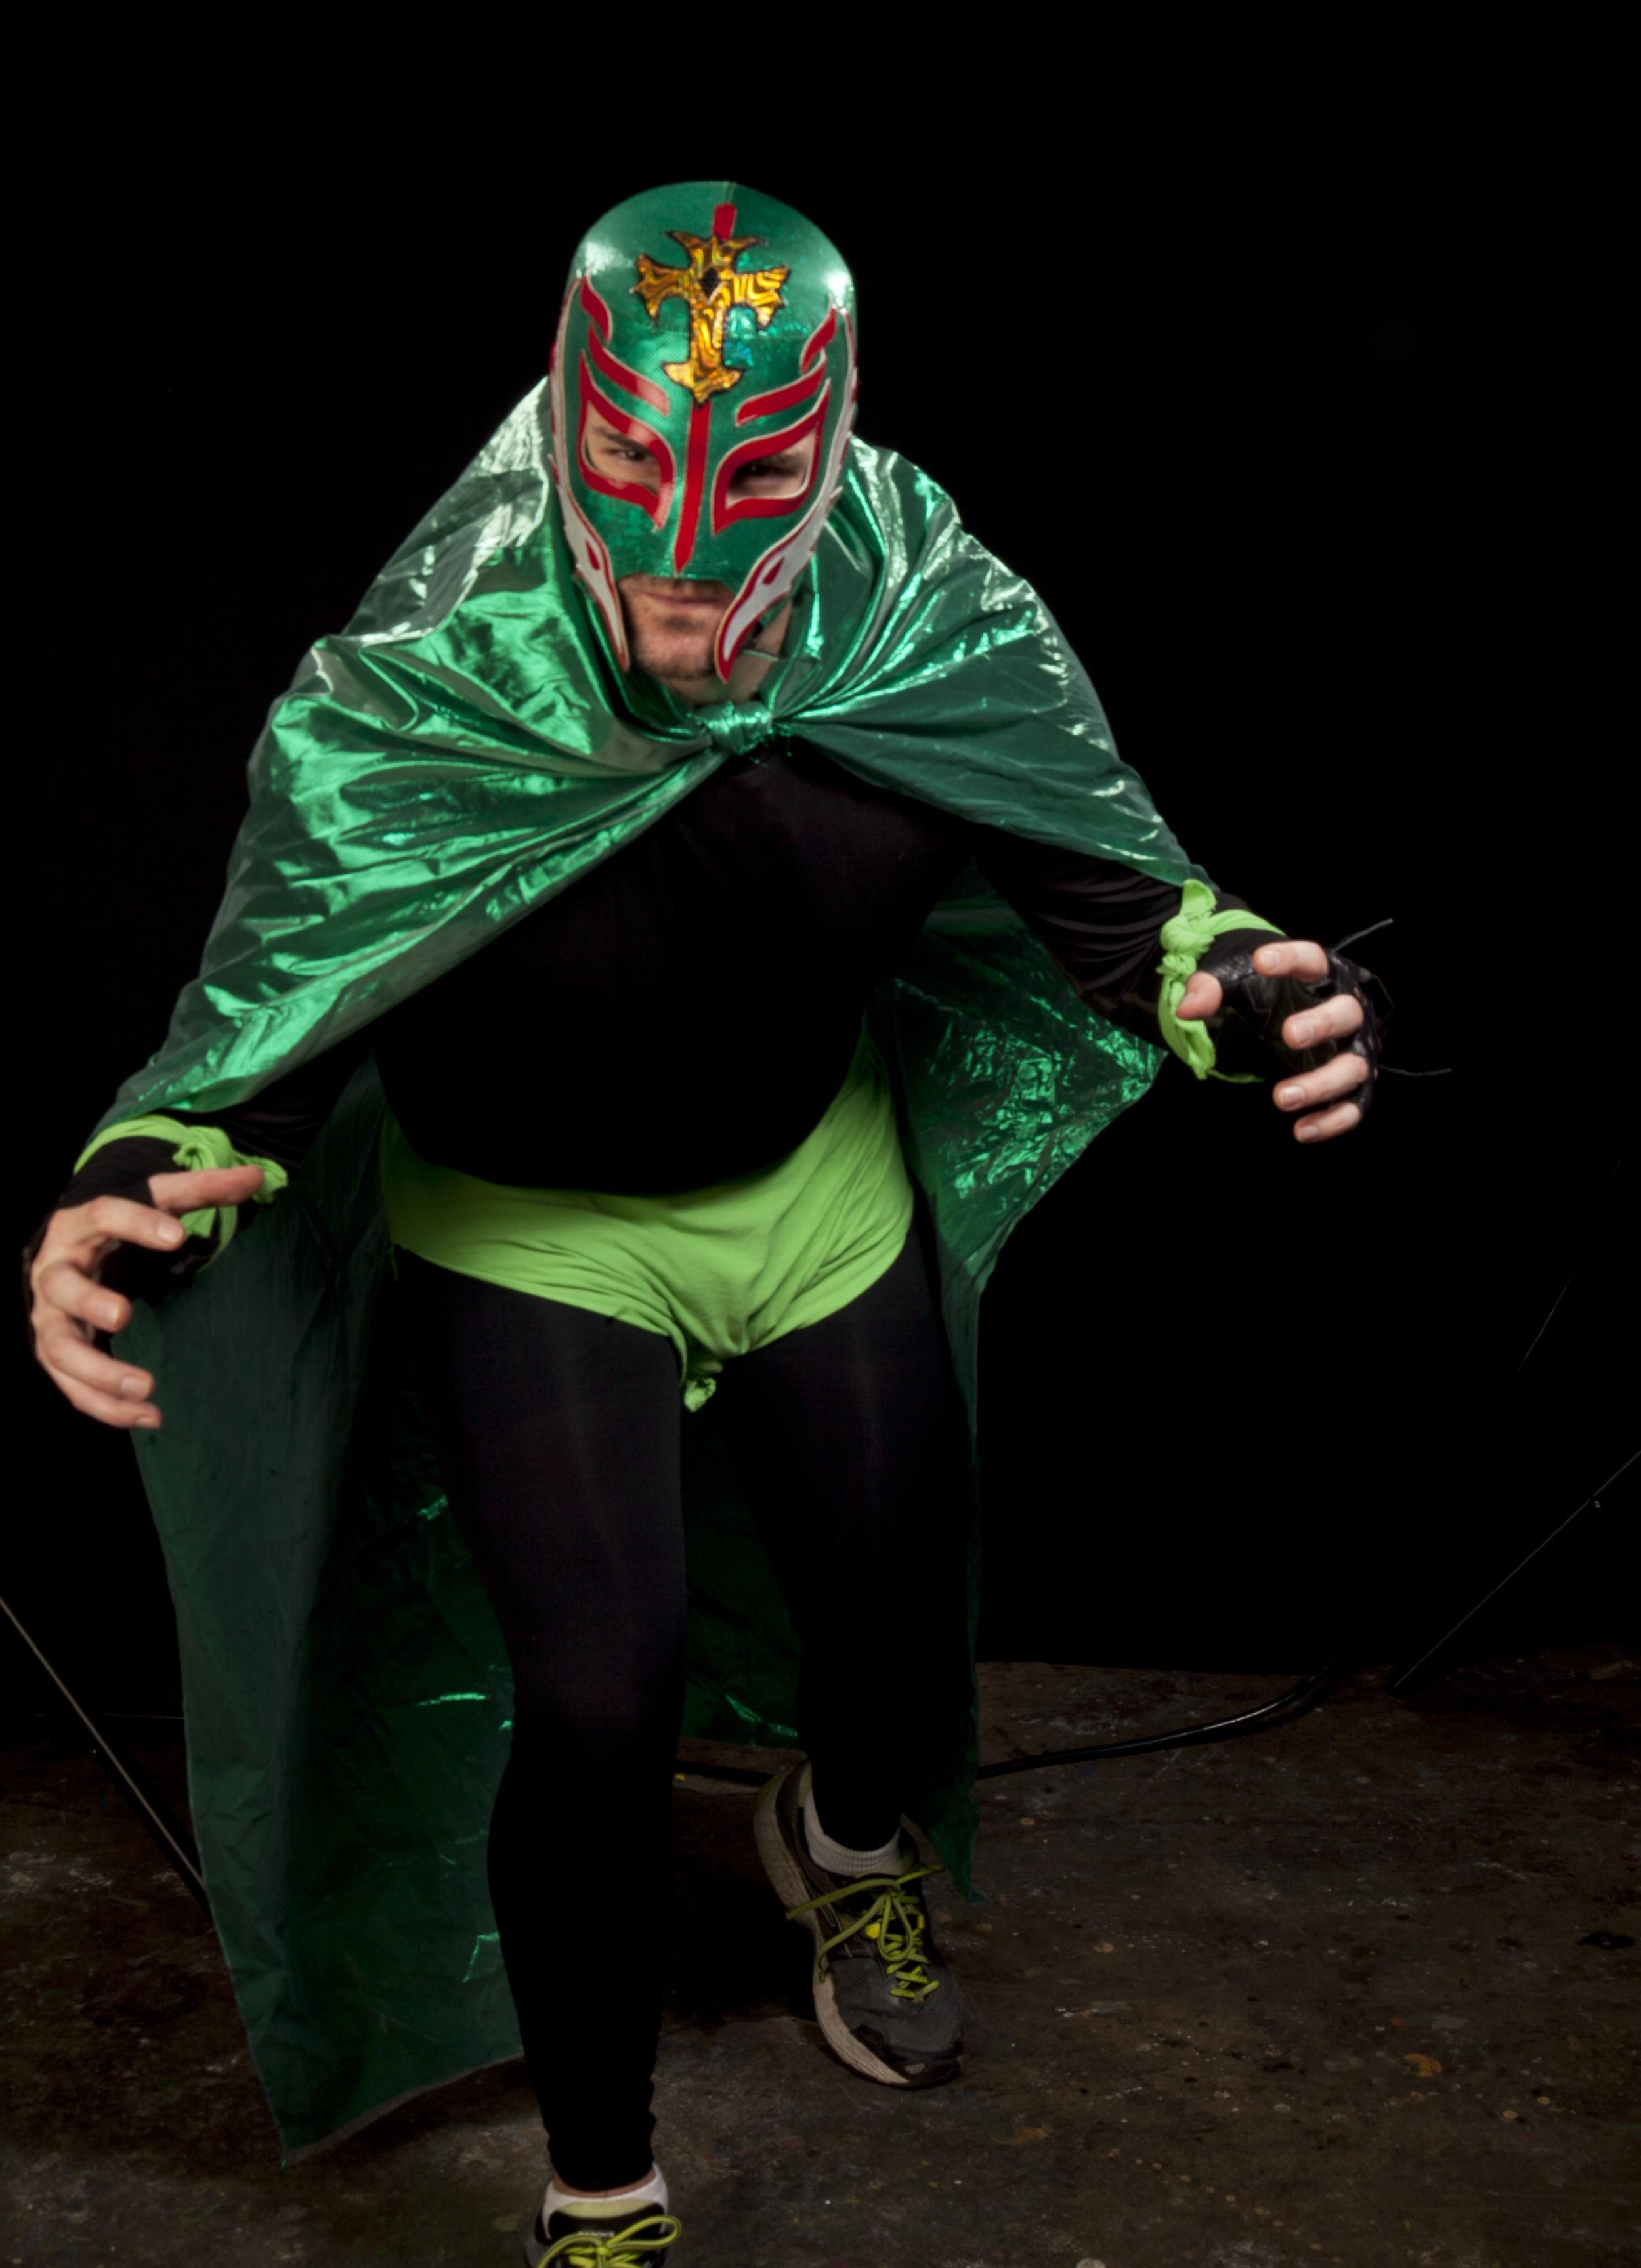 Green super heroIMG_4448.jpg